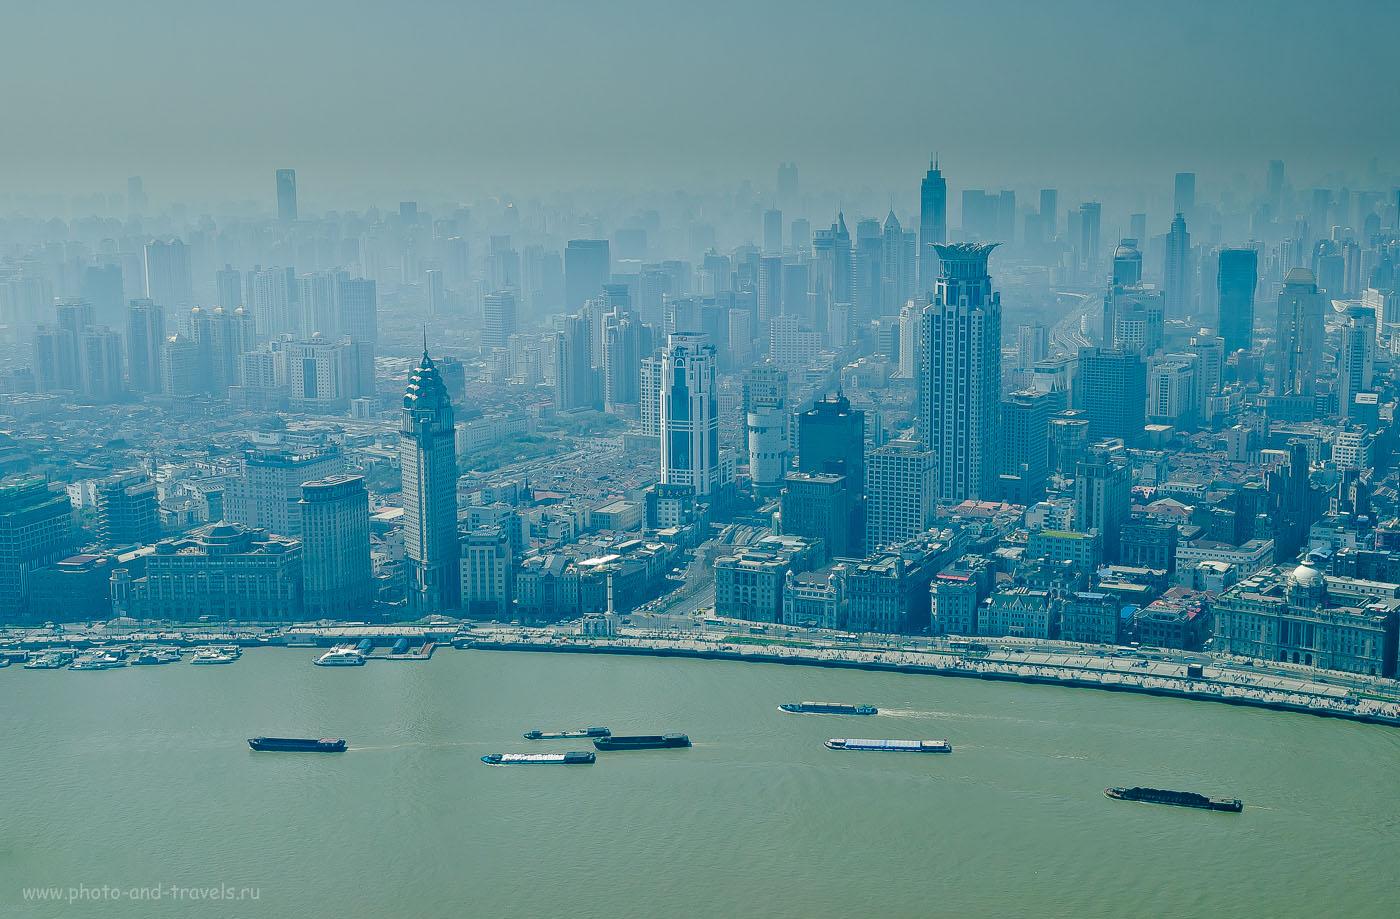 """17. Смог над Шанхаем. Как провести один день в мегаполисе? Сходите на телебашню """"Жемчужина Востока"""". Чем заняться в Китае."""